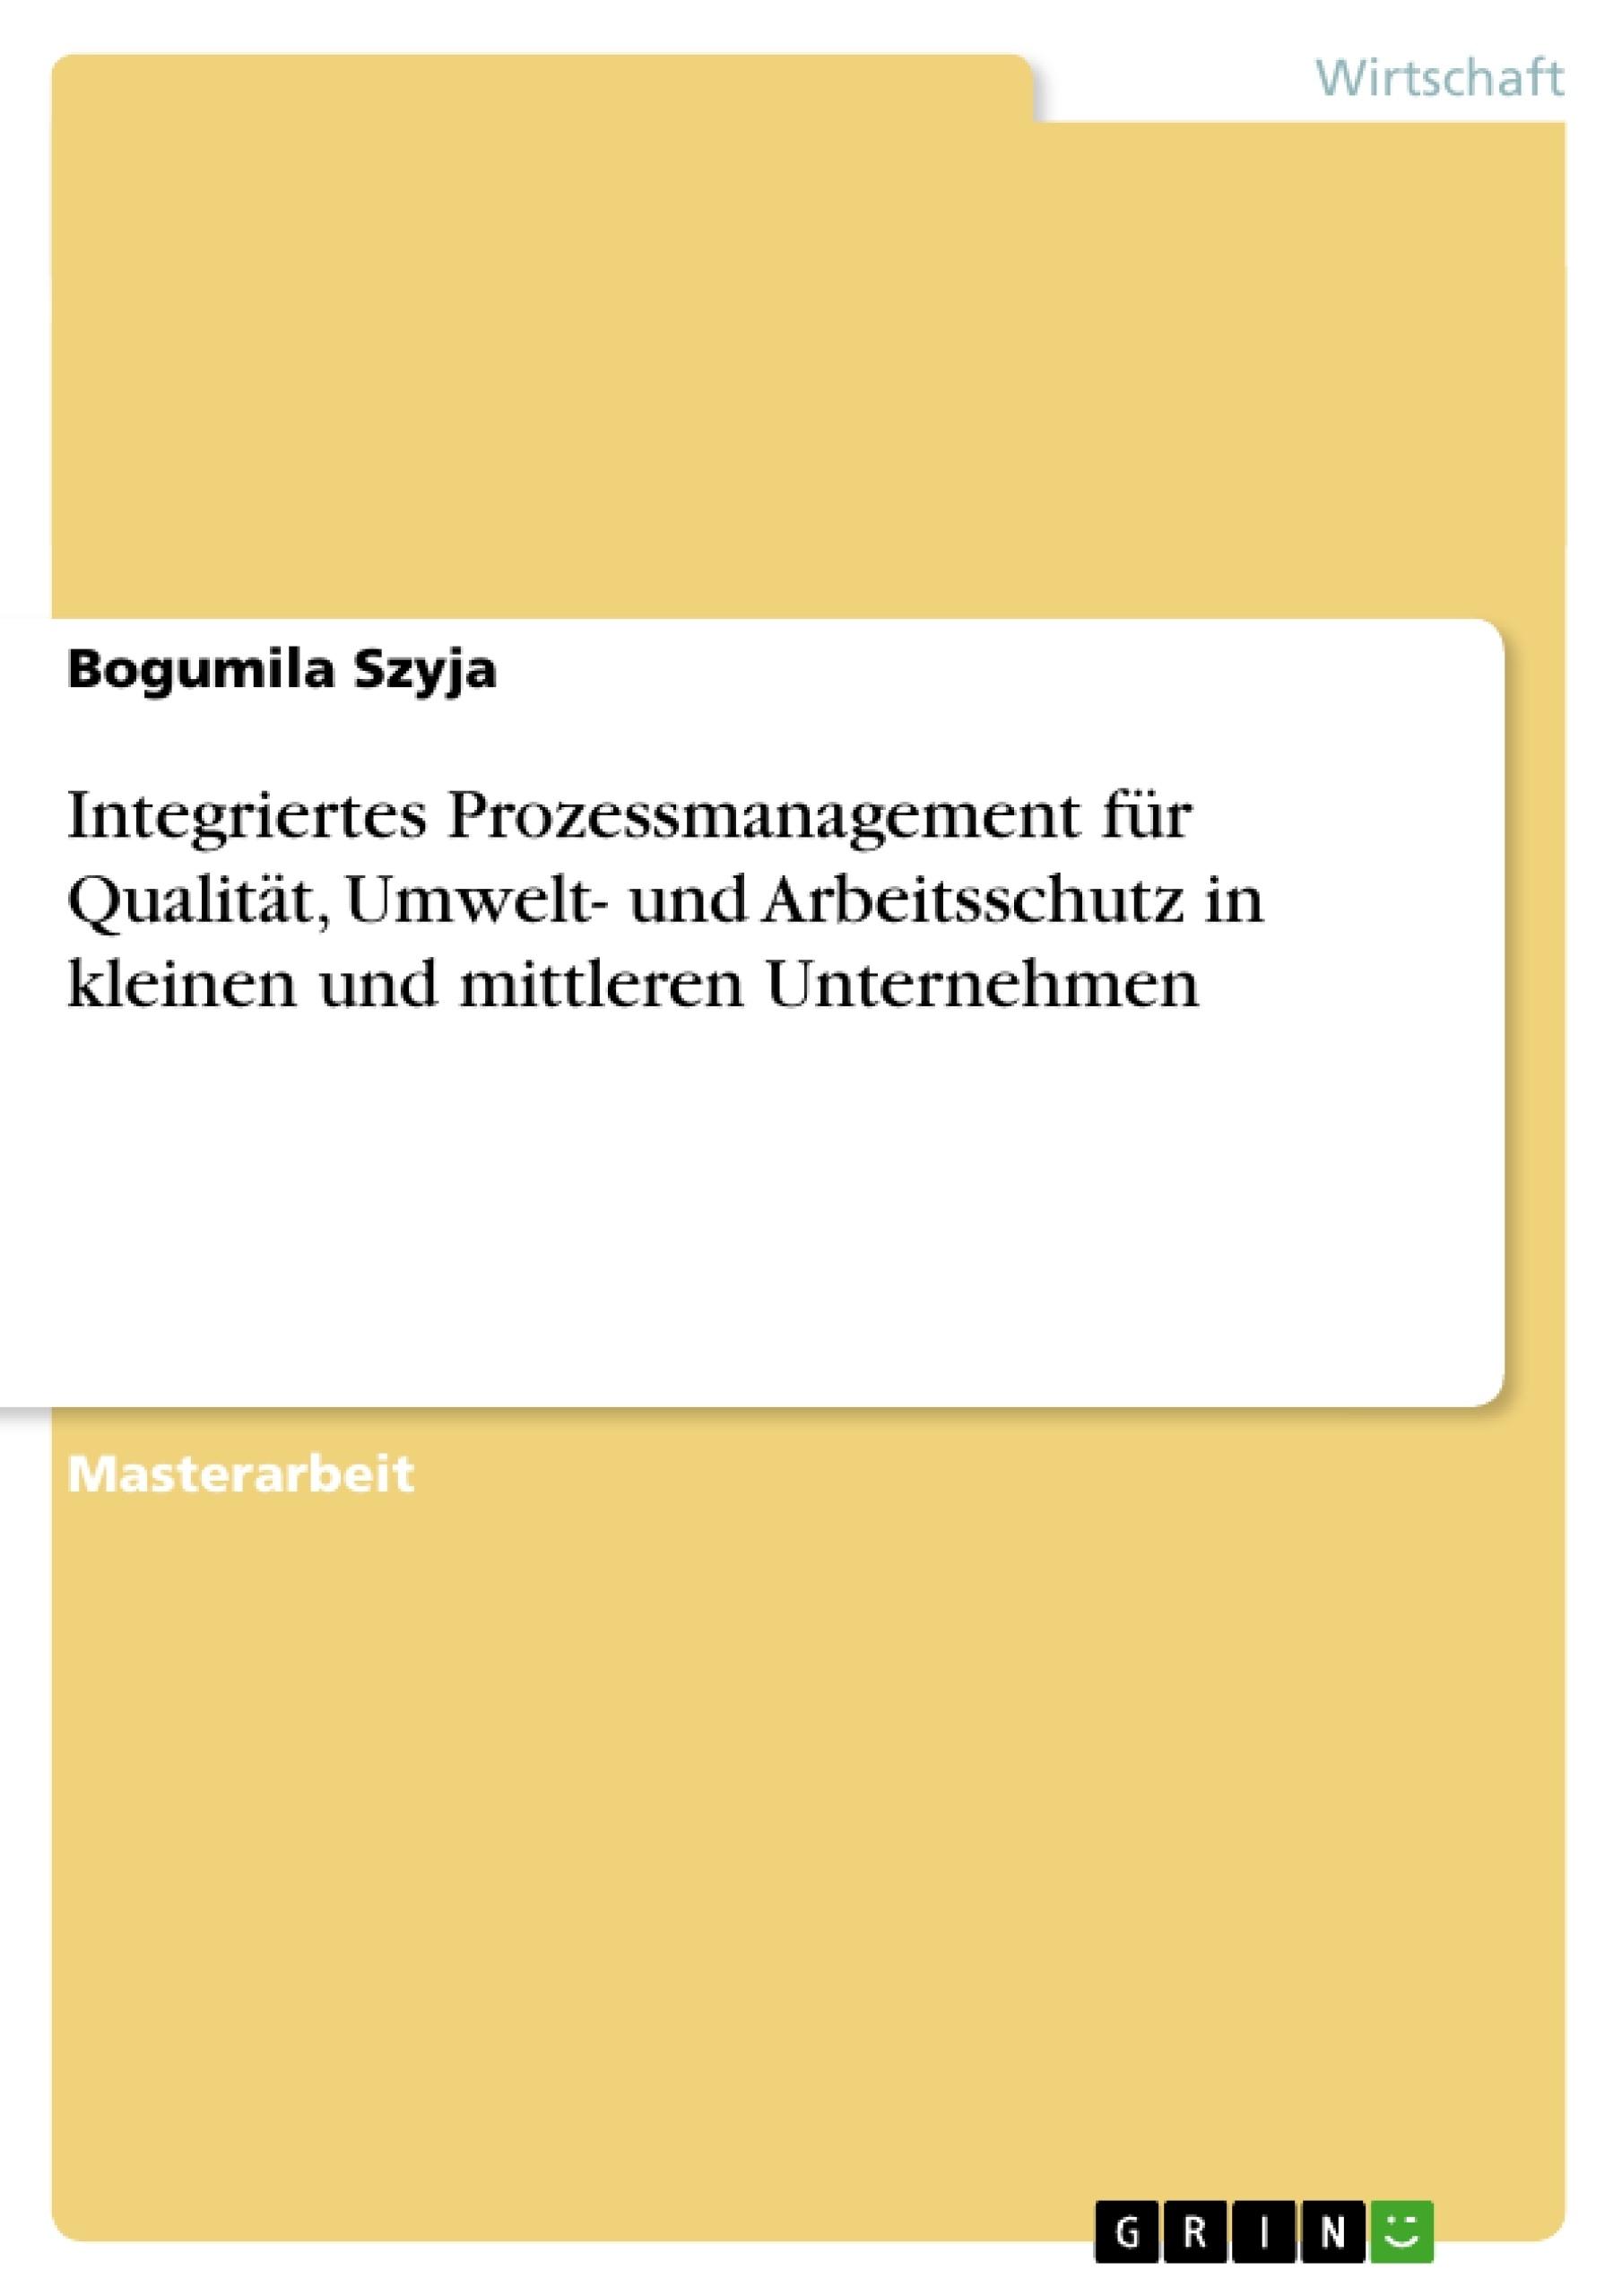 Titel: Integriertes Prozessmanagement für Qualität, Umwelt- und Arbeitsschutz in kleinen und mittleren Unternehmen